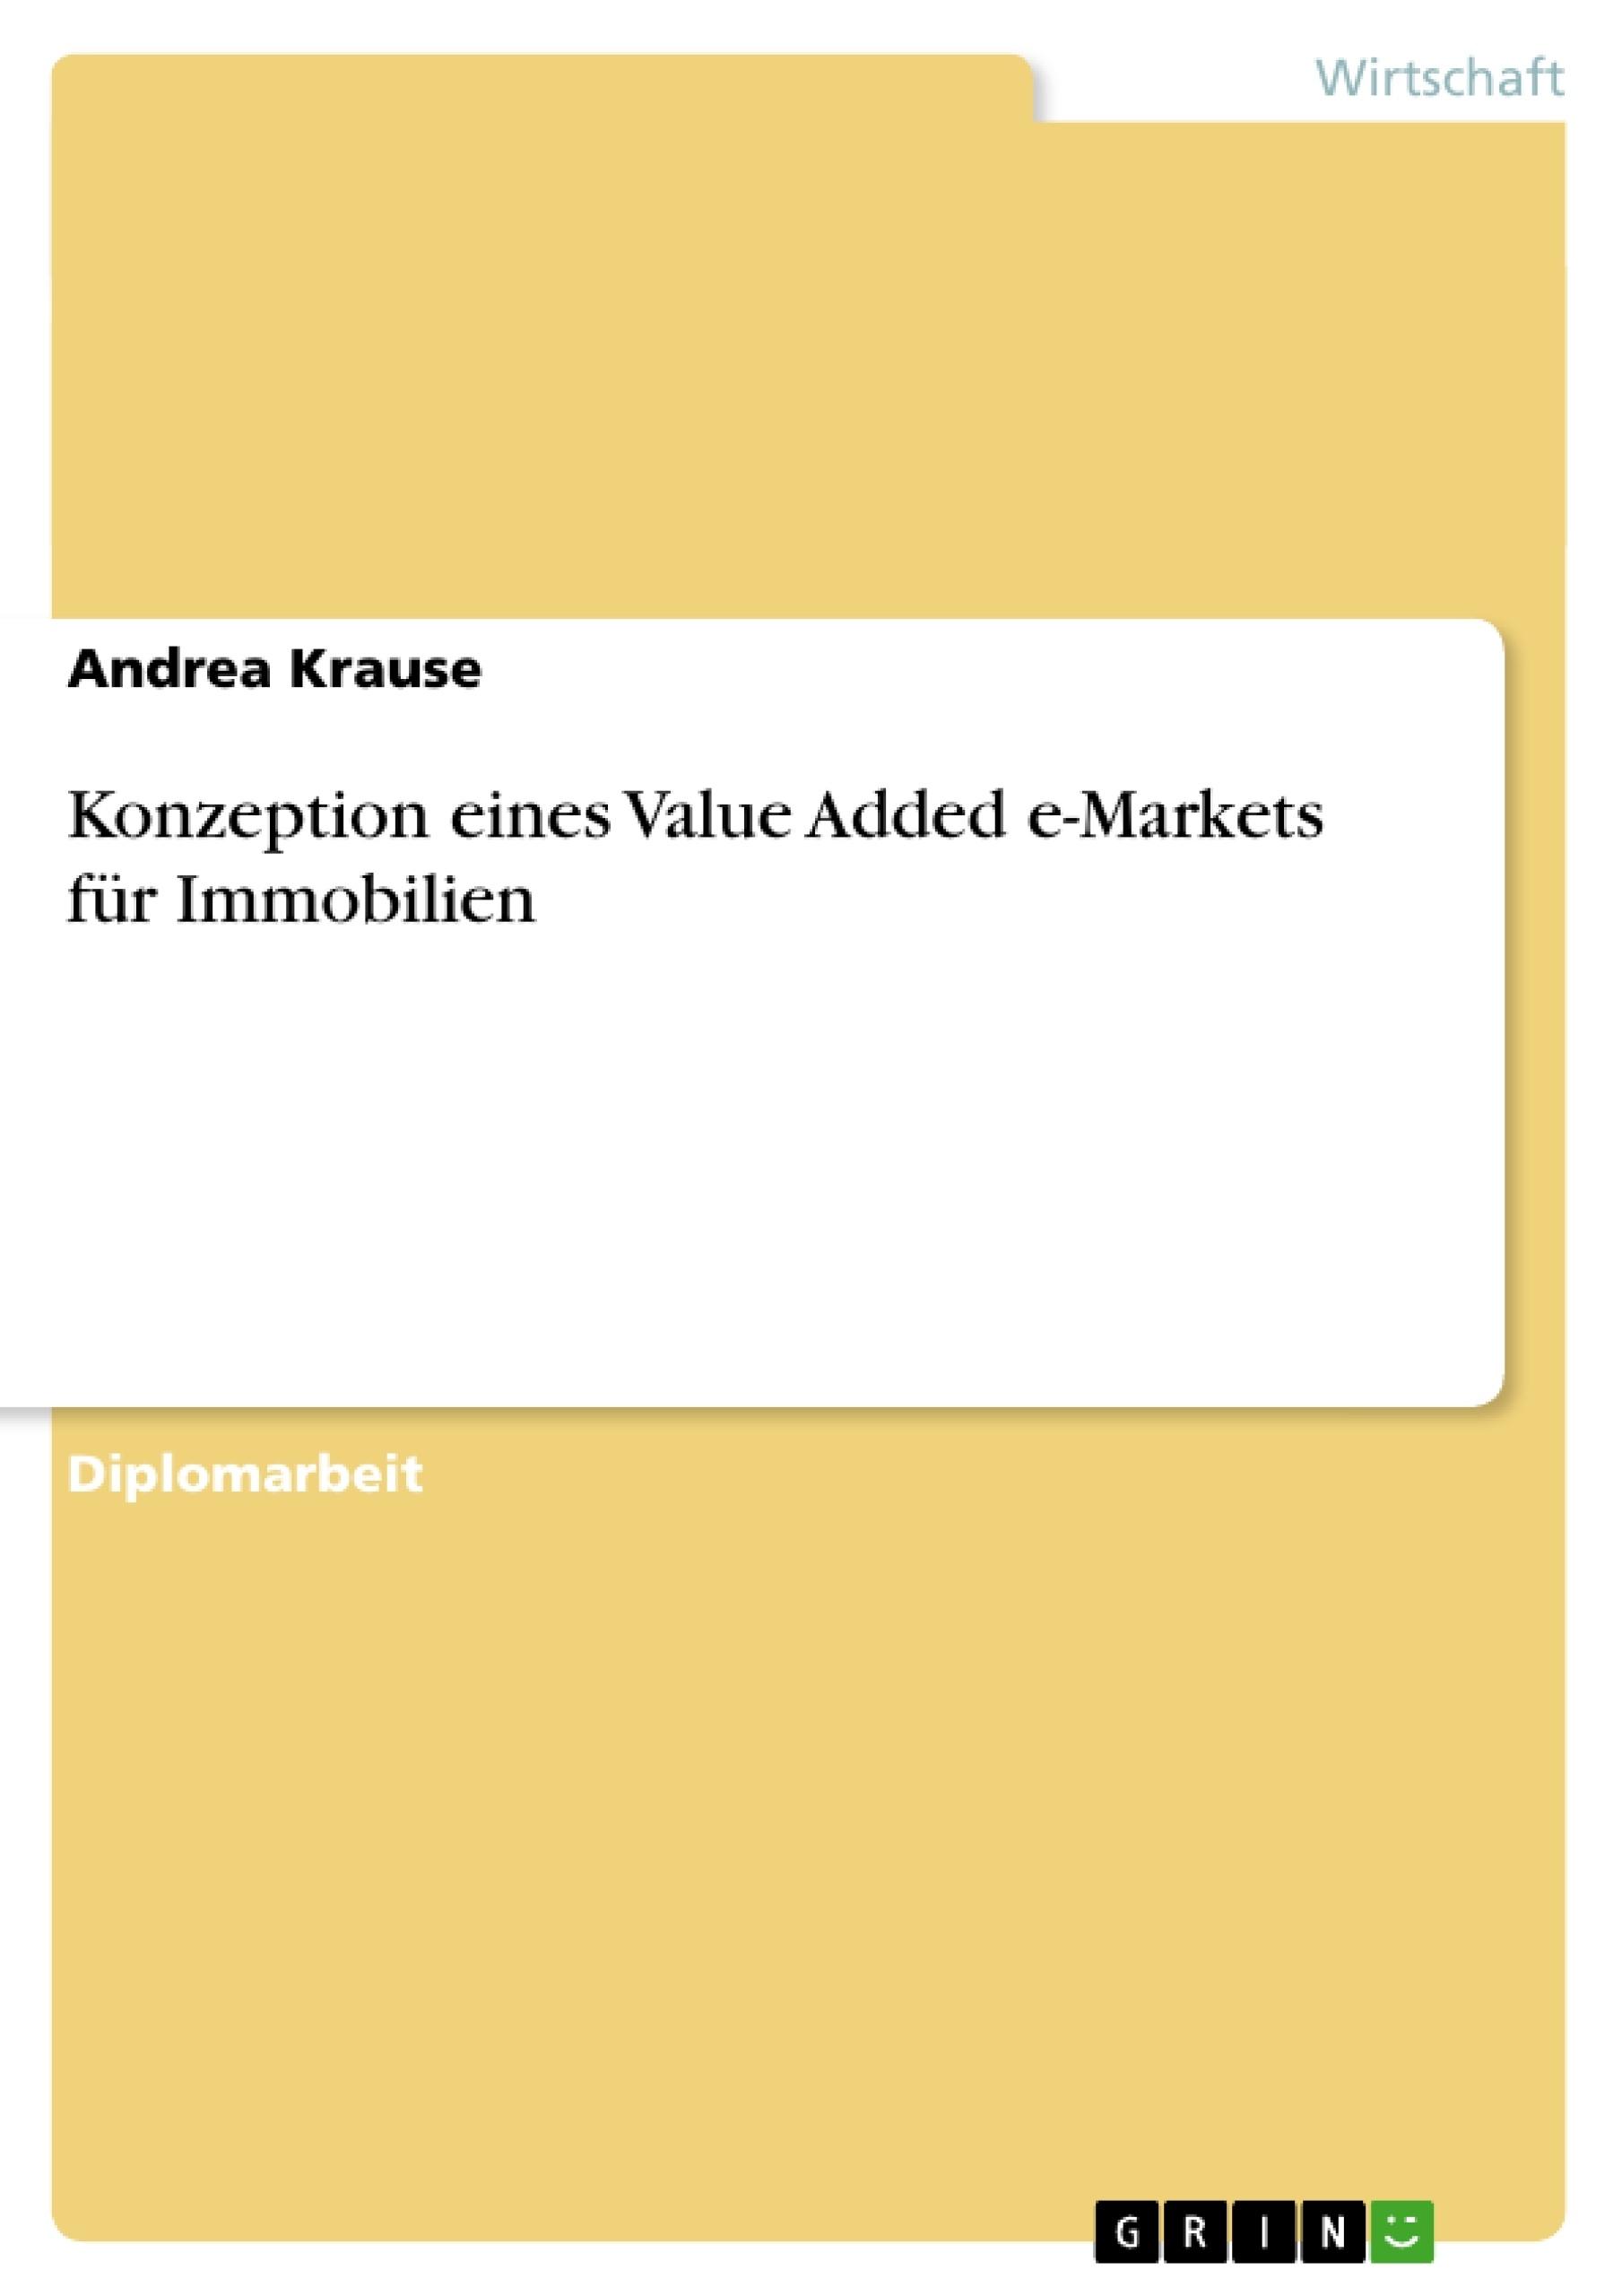 Titel: Konzeption eines Value Added e-Markets für Immobilien